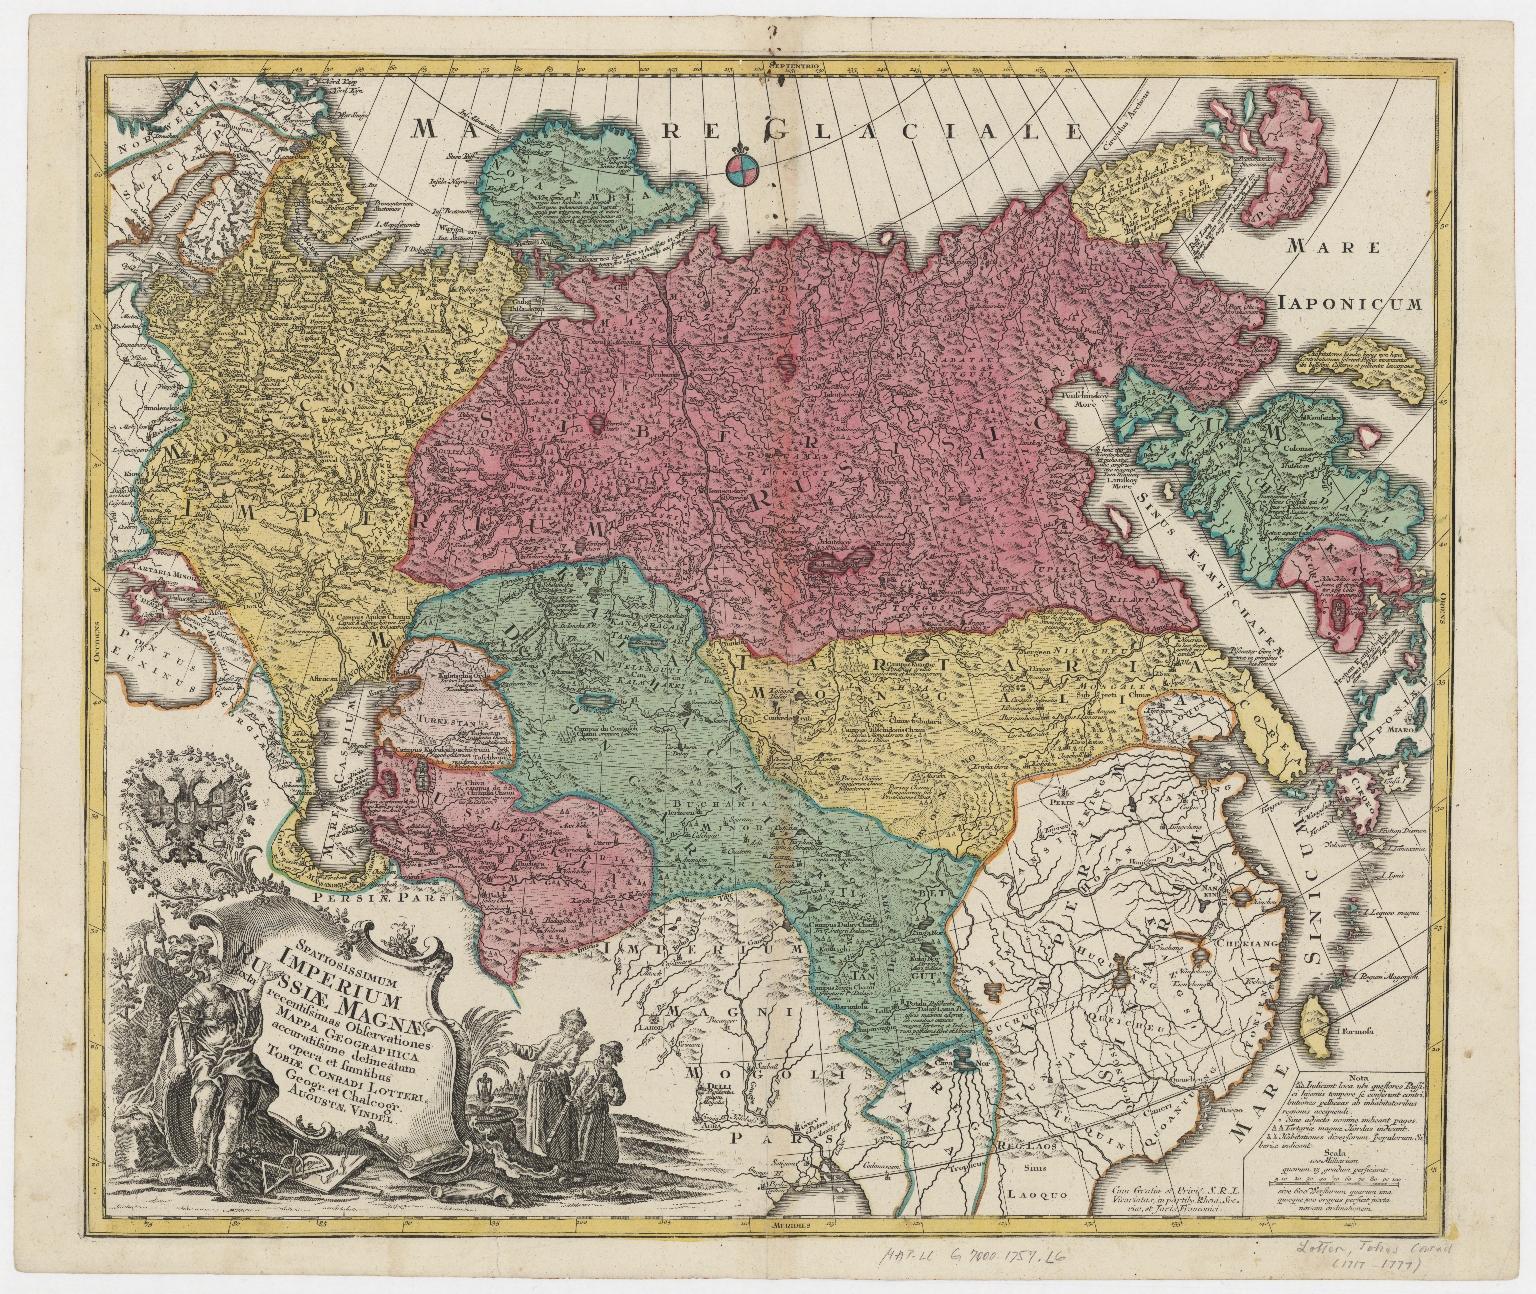 Spatiosissimum Imperium Russiae magnae iuxta recentissimas observationes mappa geographica